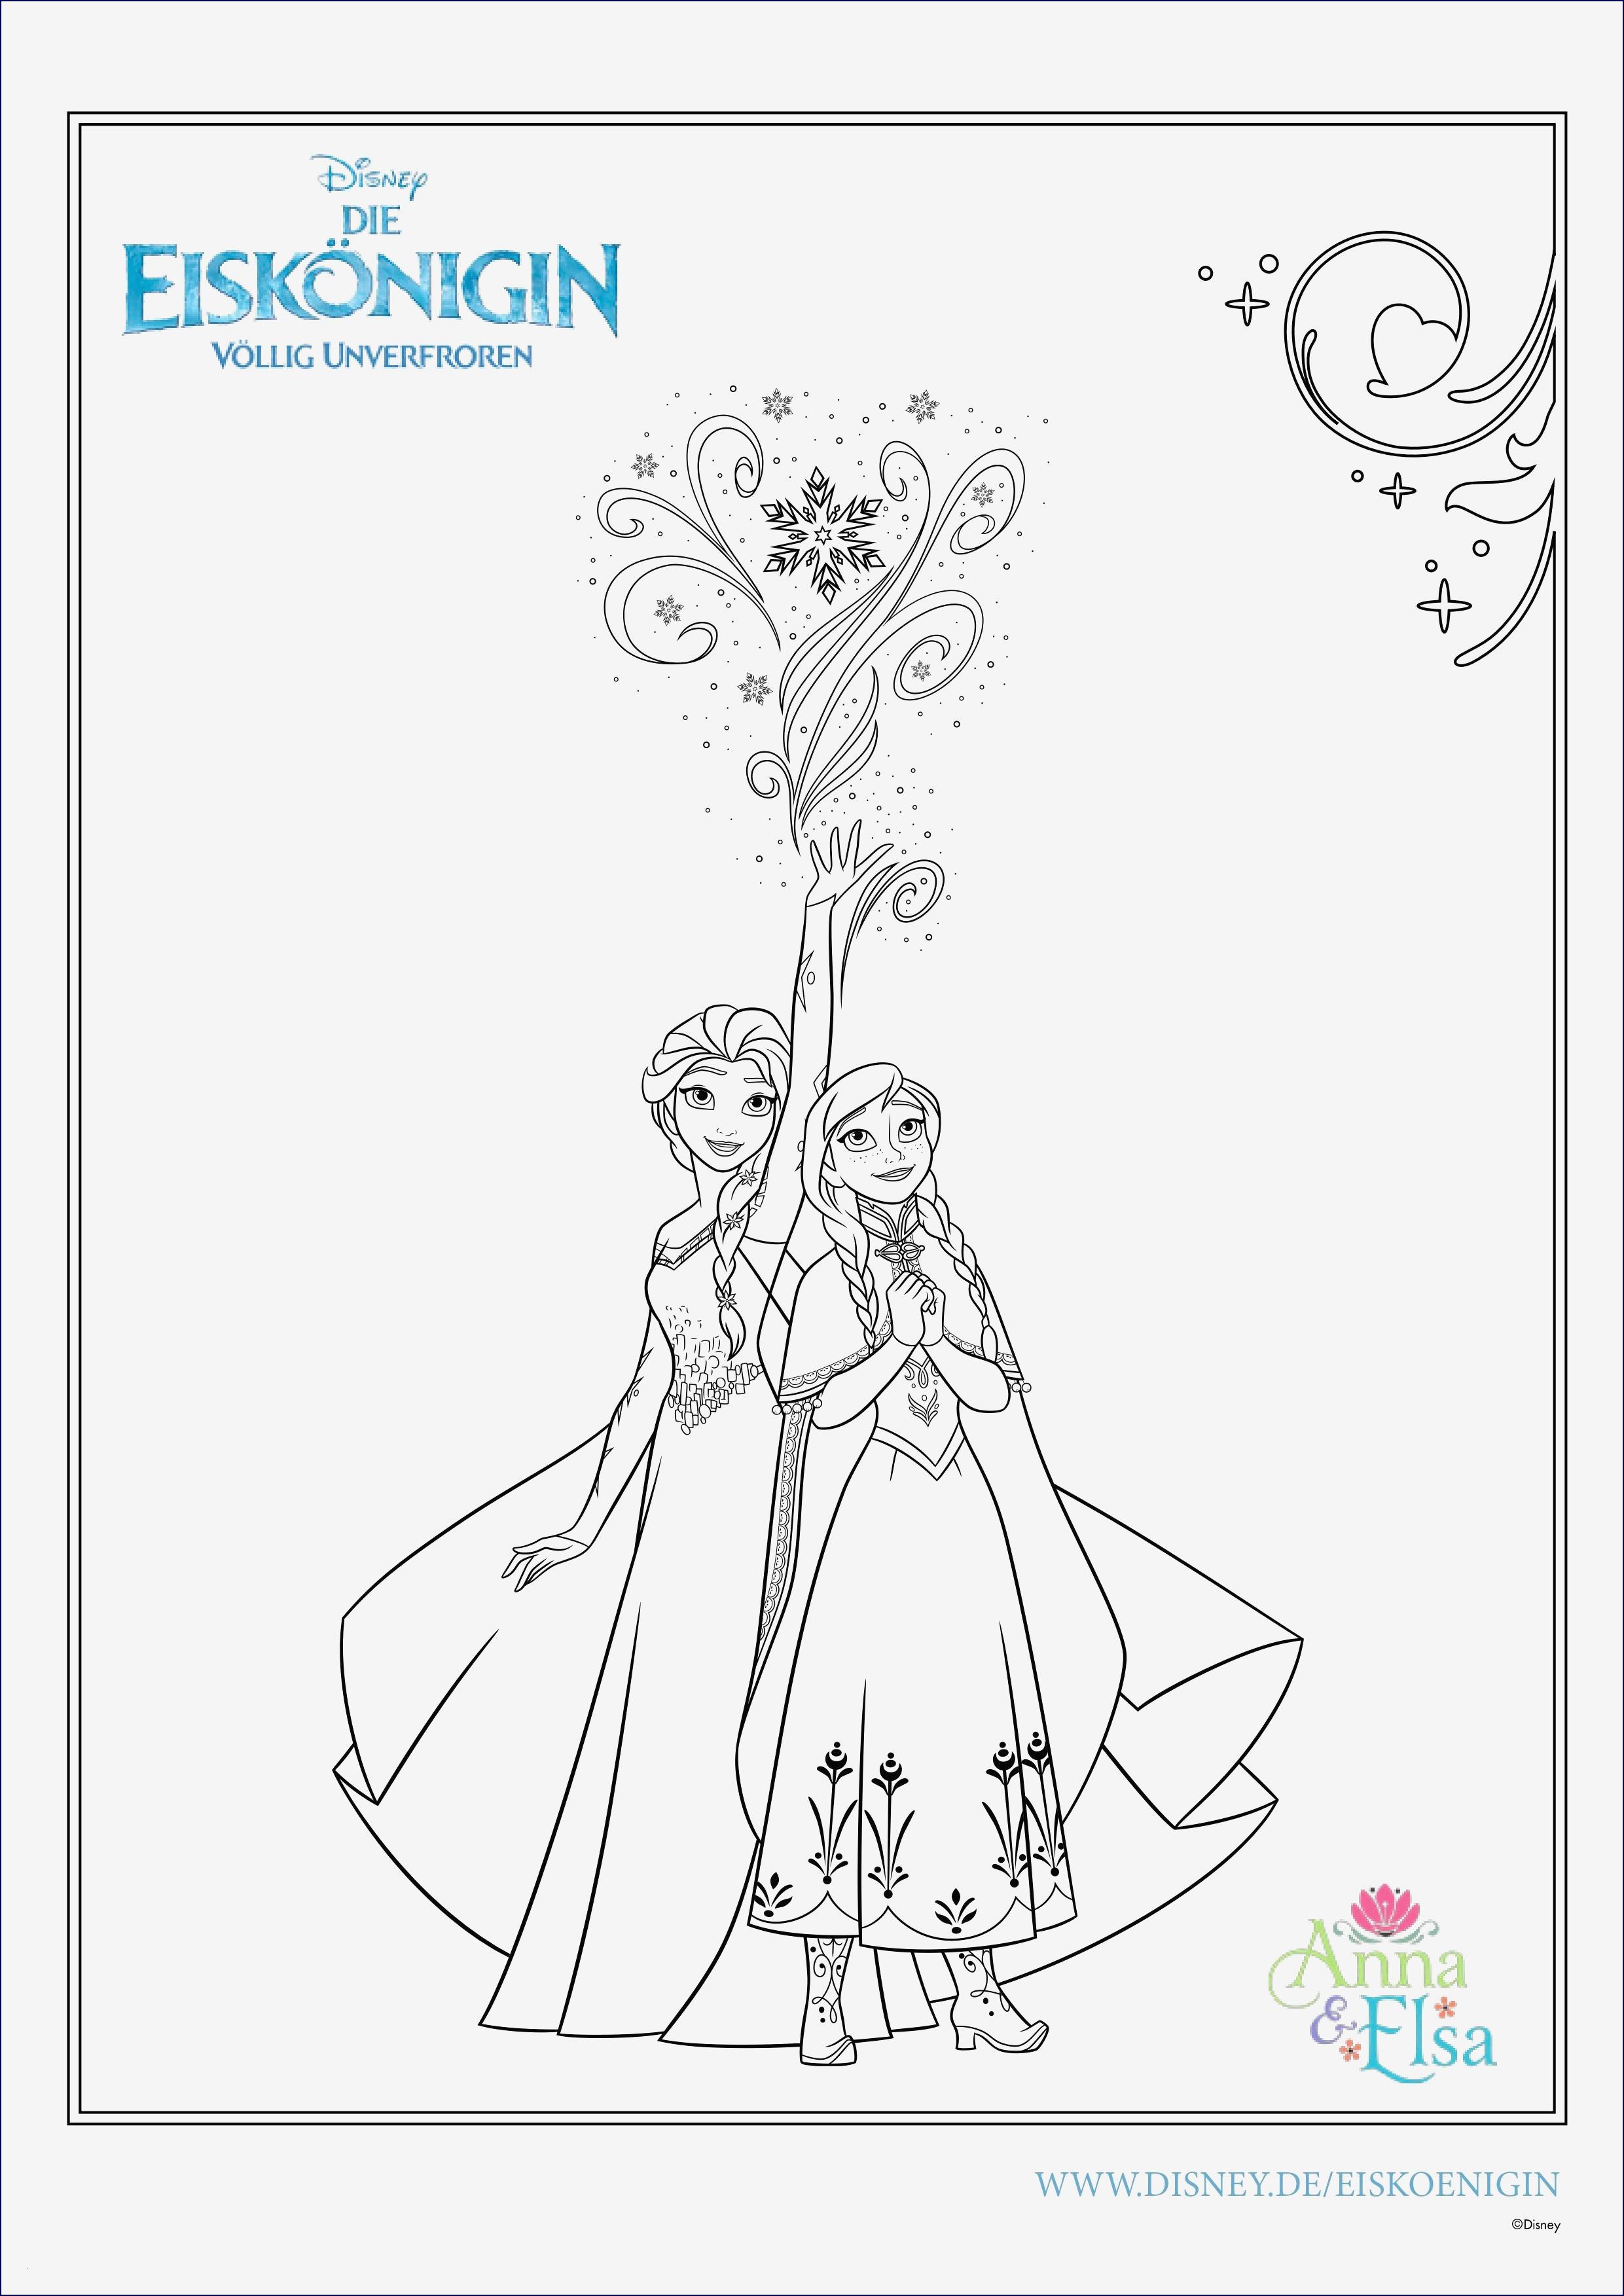 Ausmalbilder Prinzessin sofia Inspirierend Bilder Zum Ausmalen Bekommen Elsa Ausmalbilder Zum Ausdrucken Bilder